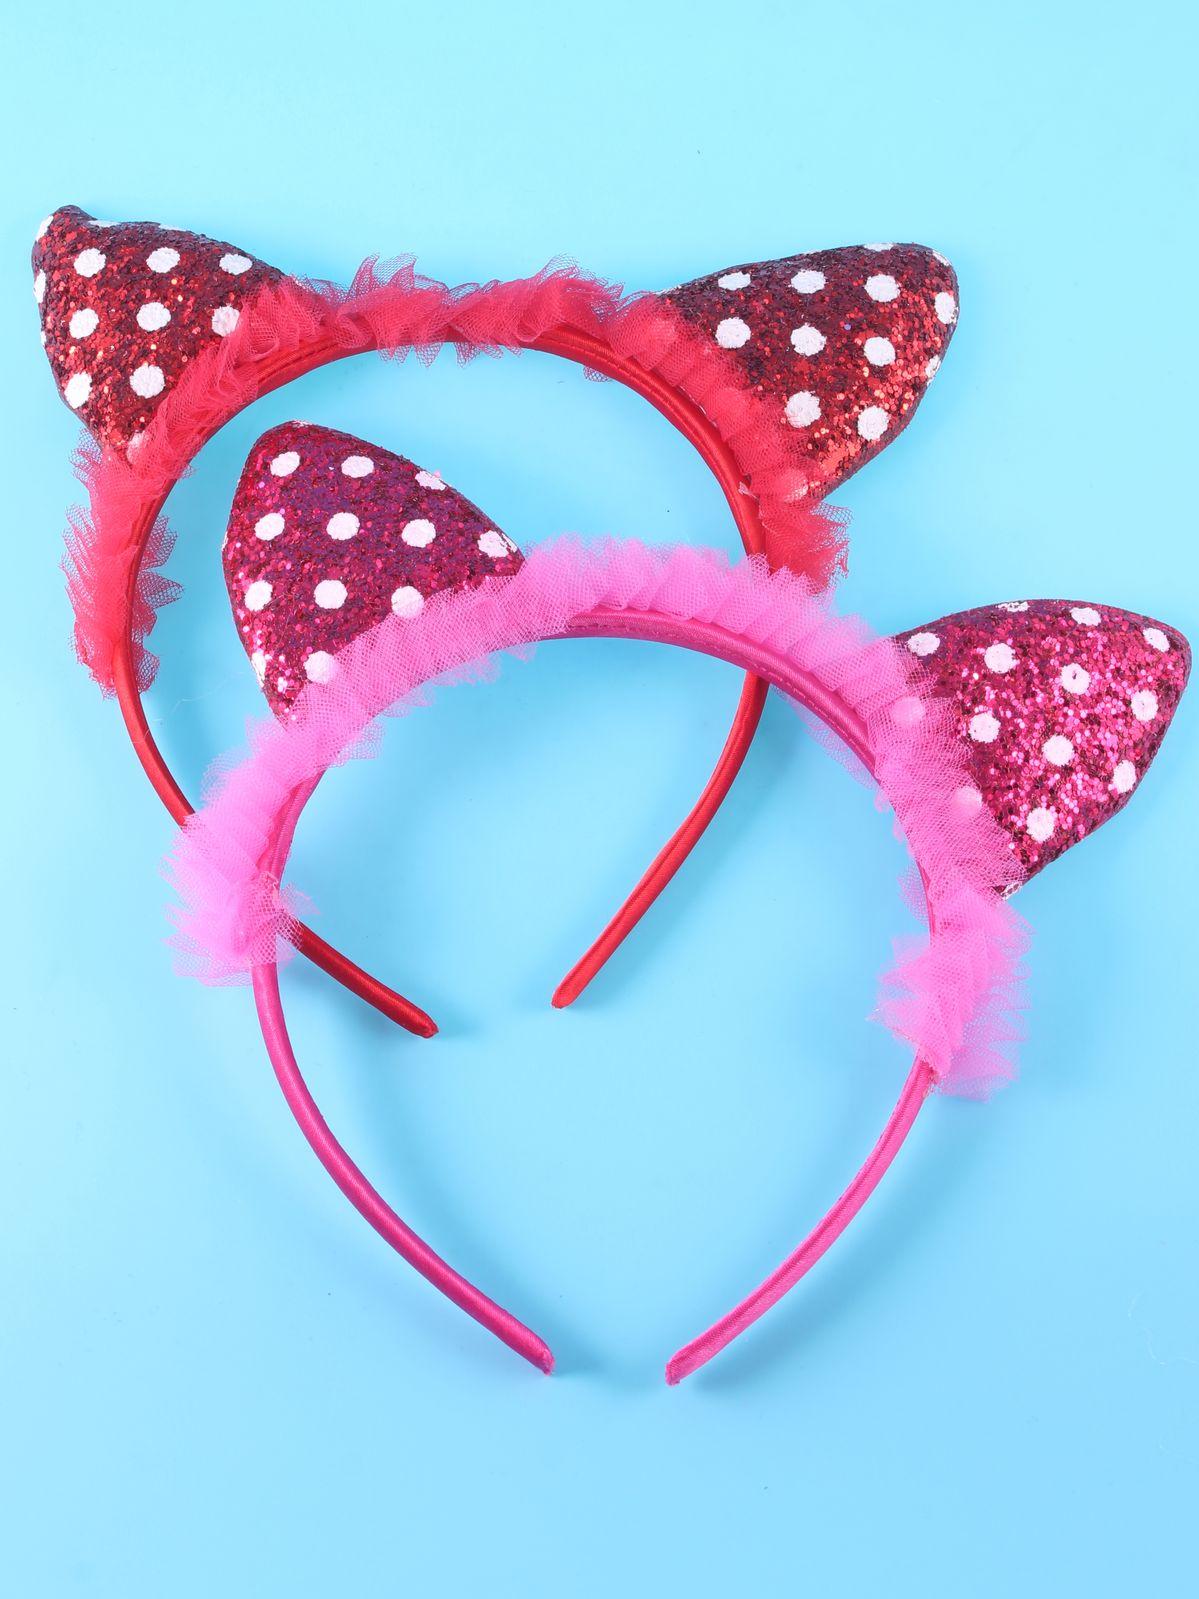 Ободок для волос Hello Trend, 7426936740835, розовый, 2 шт7426936740835Ободок, набор 2 штуки